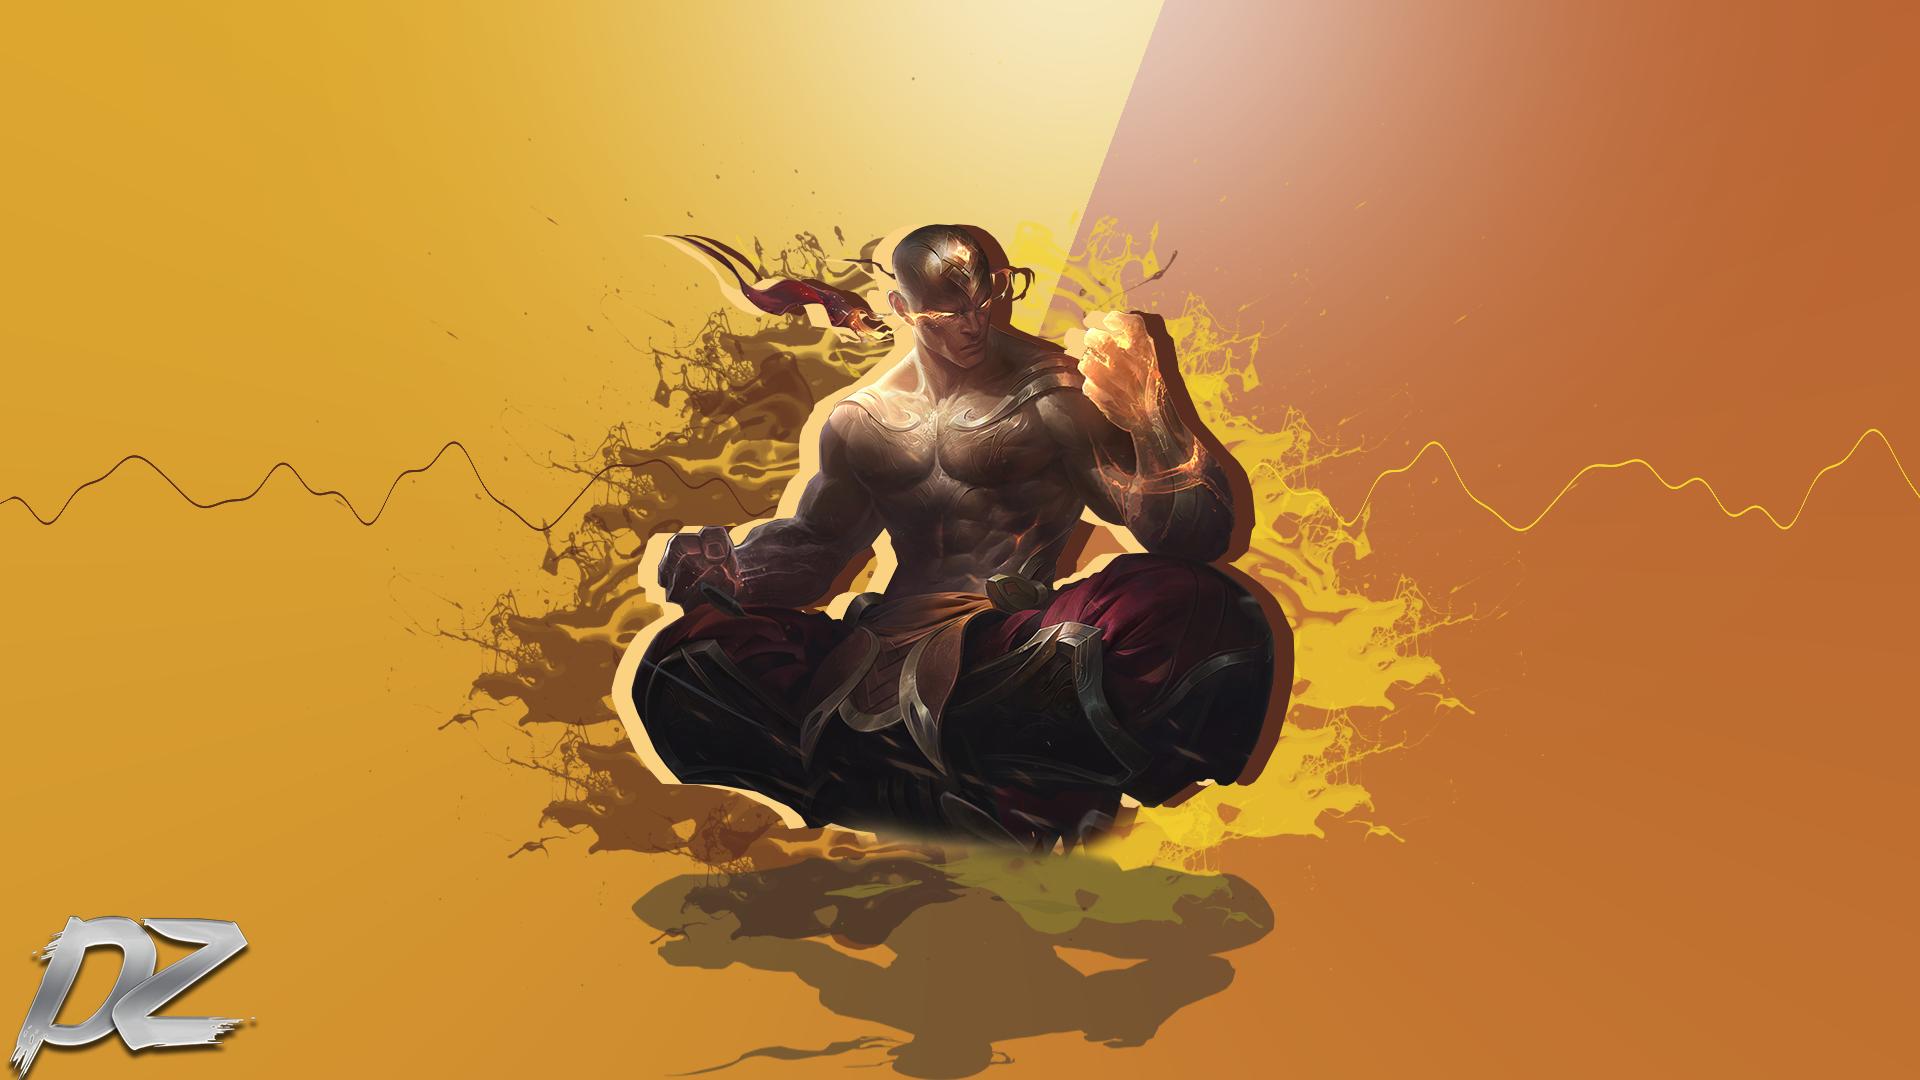 God Fist Lee Sin Wallpaper By Dezzoart On Deviantart